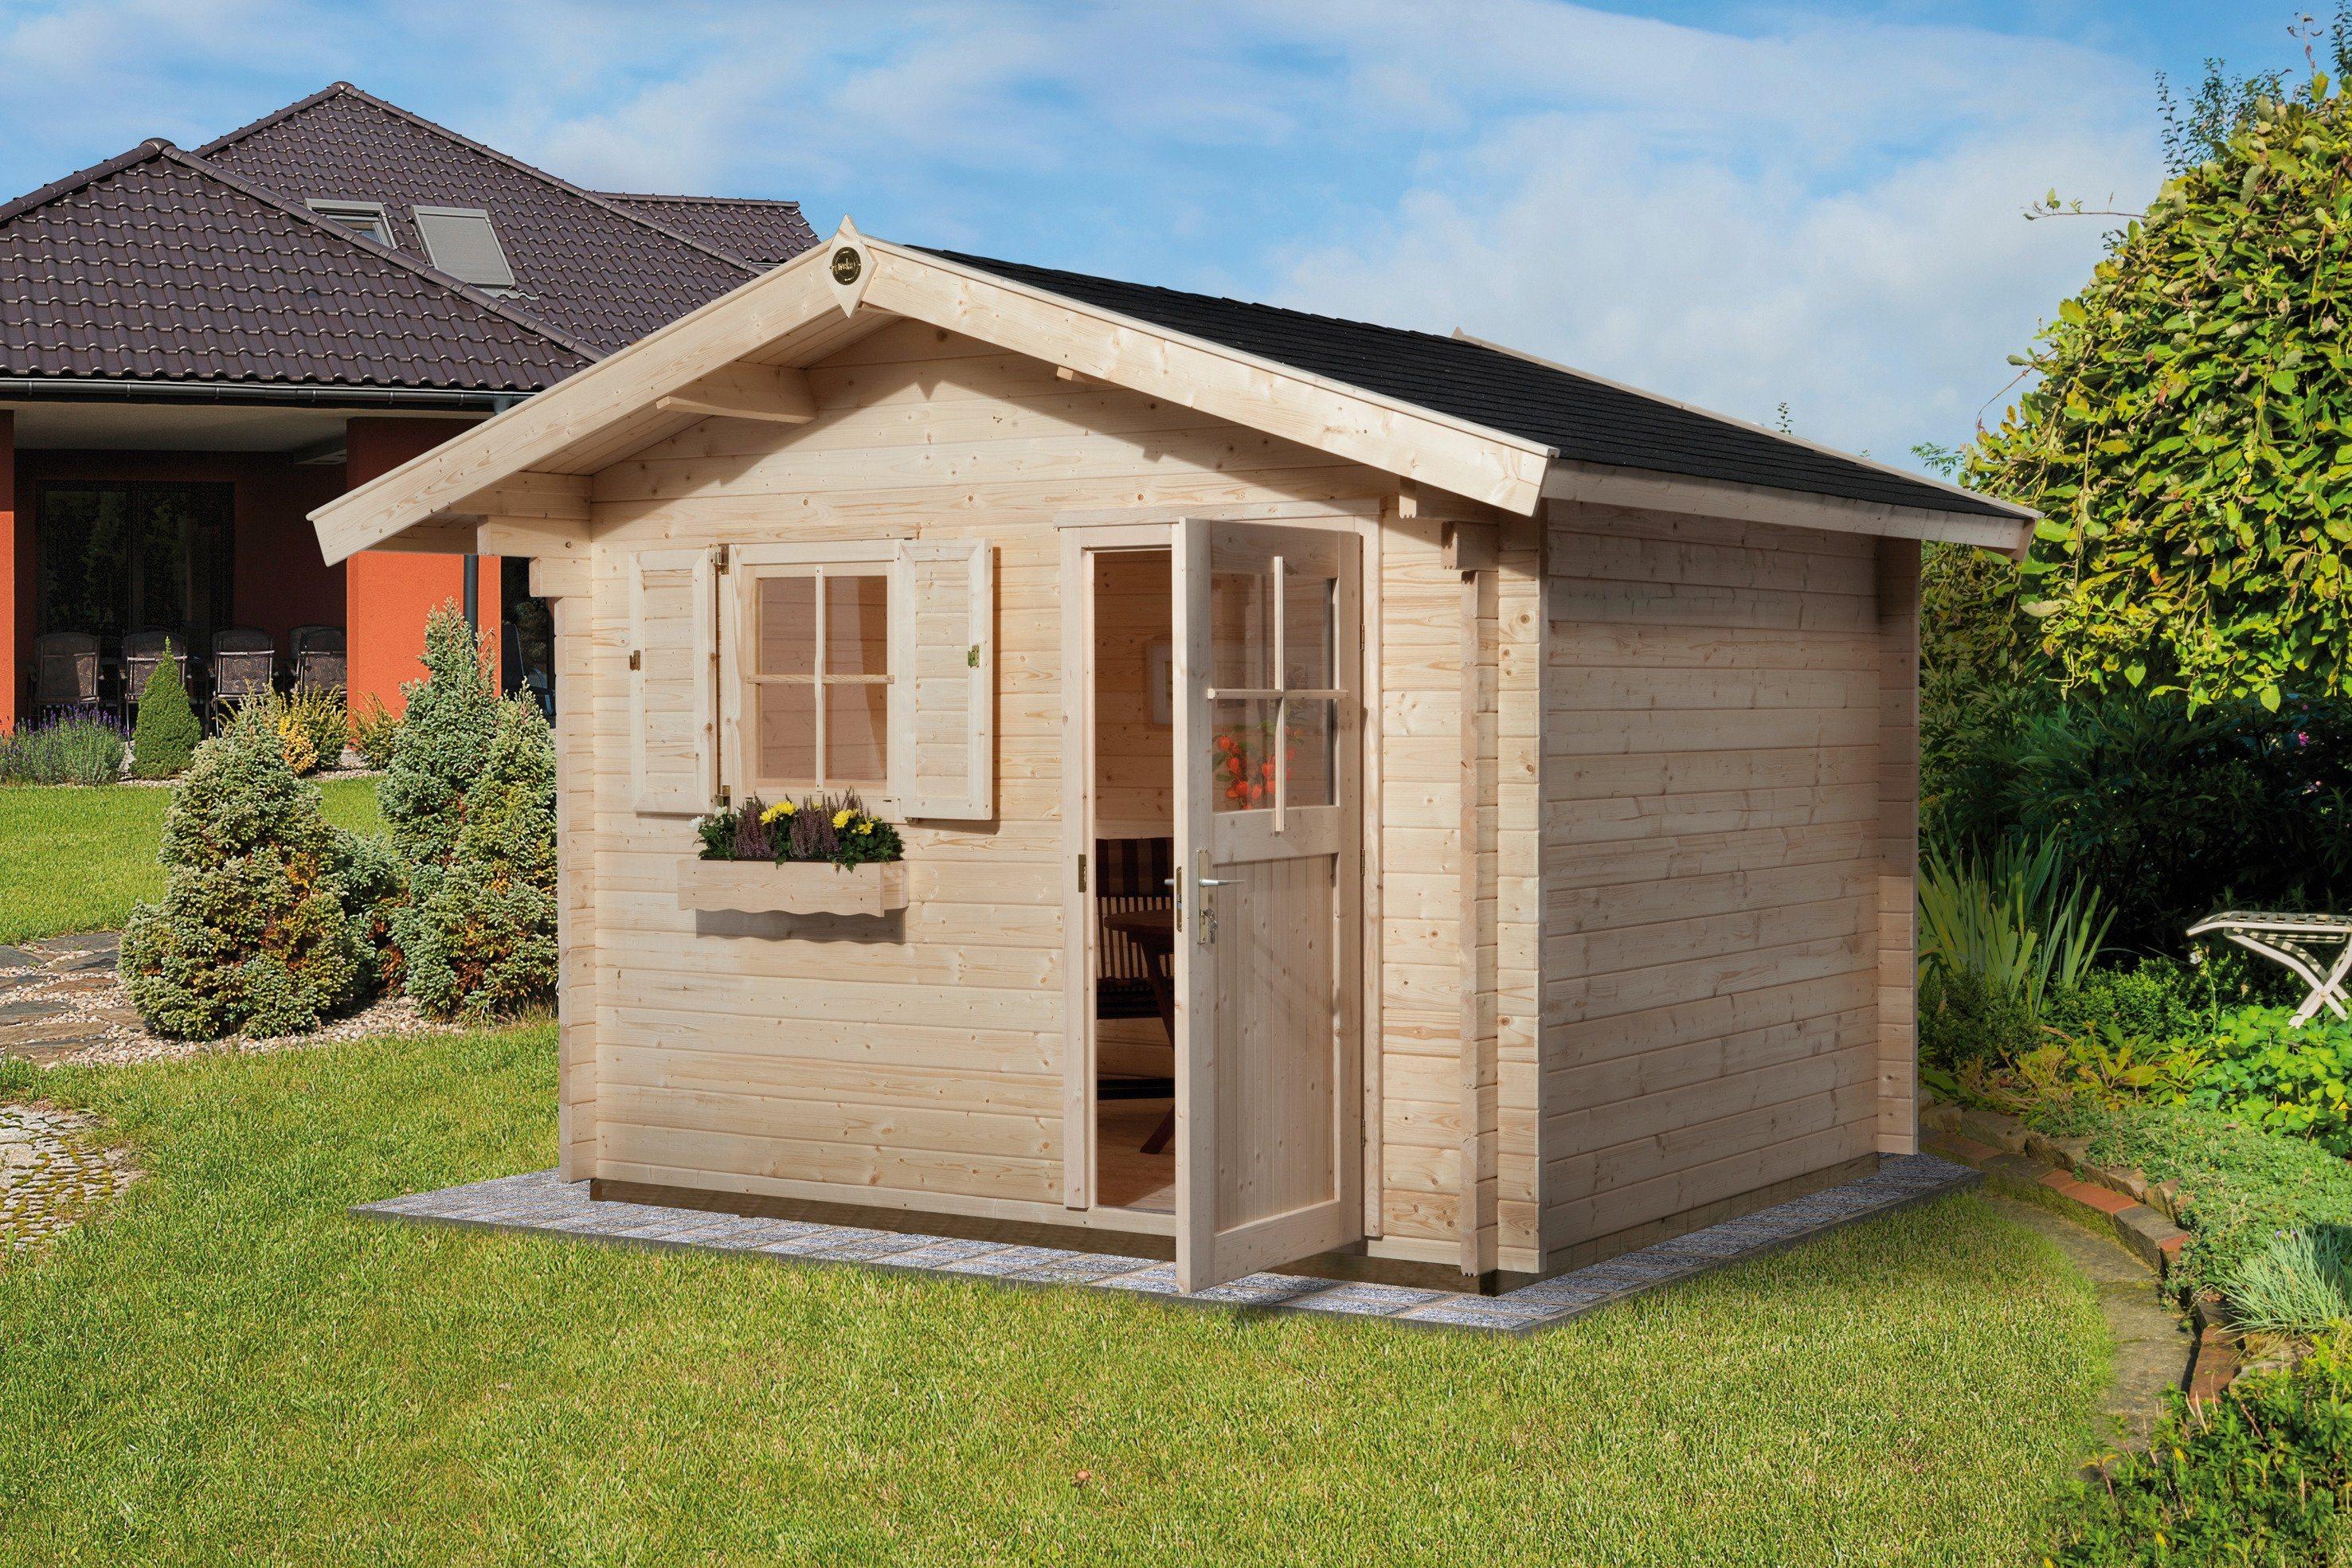 WEKA Gartenhaus »Gr.2«, BxT: 300x300 cm, inkl. Fußboden und Fenster | Garten > Gartenhäuser | weka